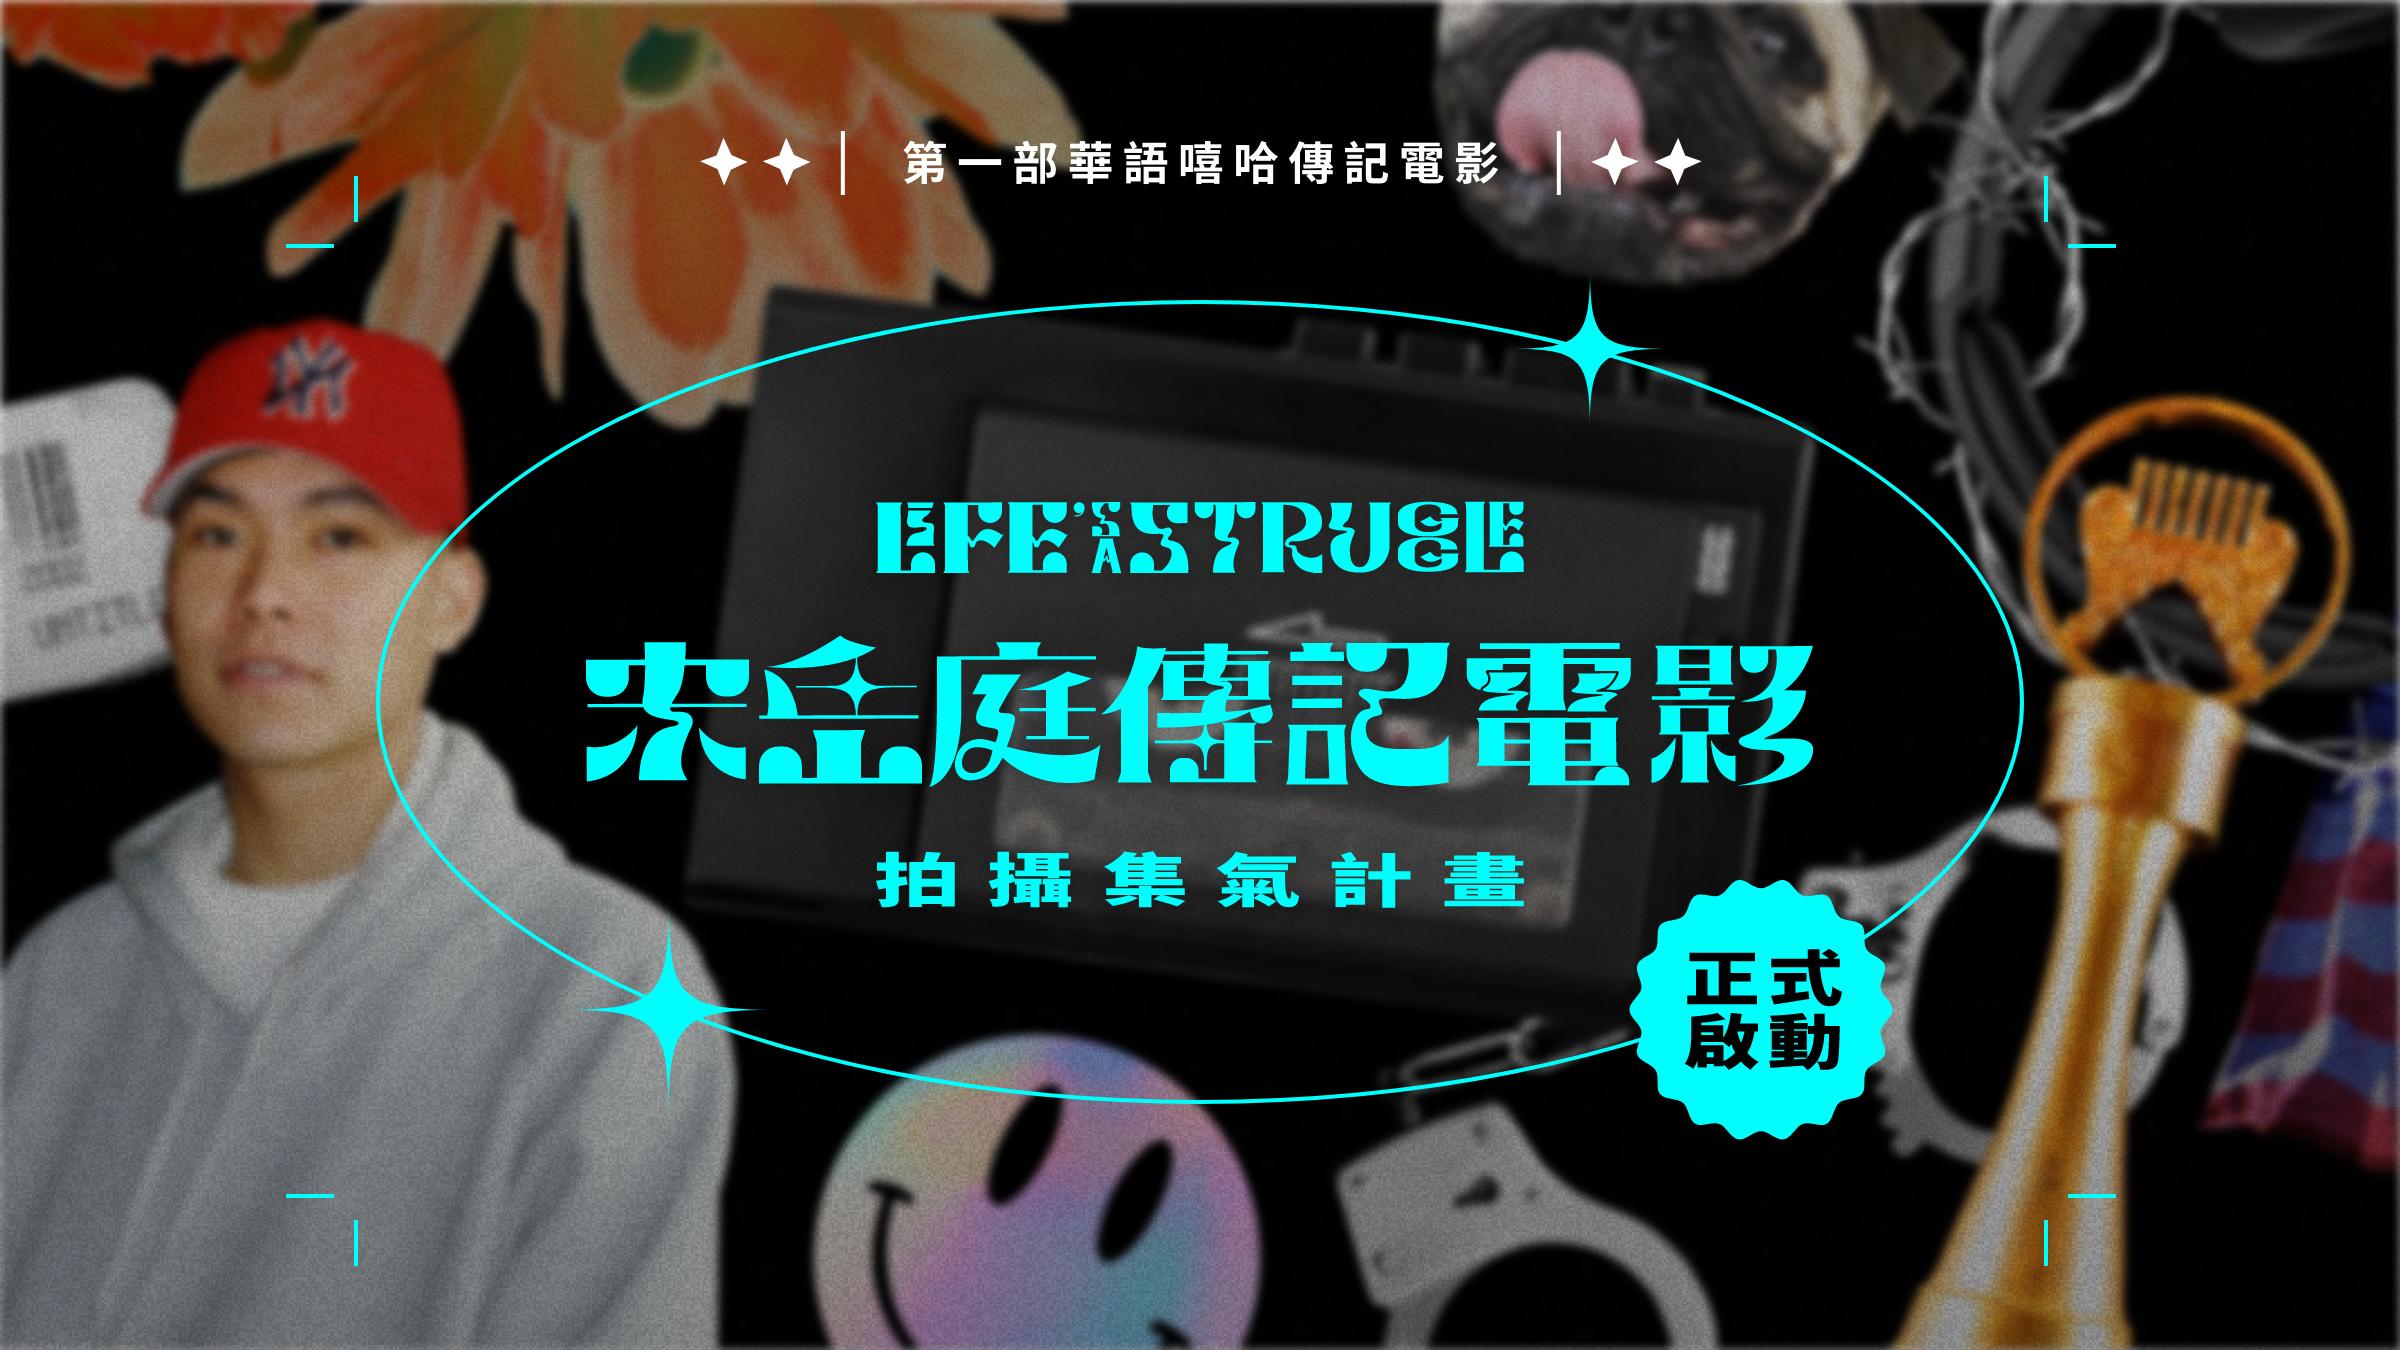 宋岳庭傳記電影 拍攝集氣計畫